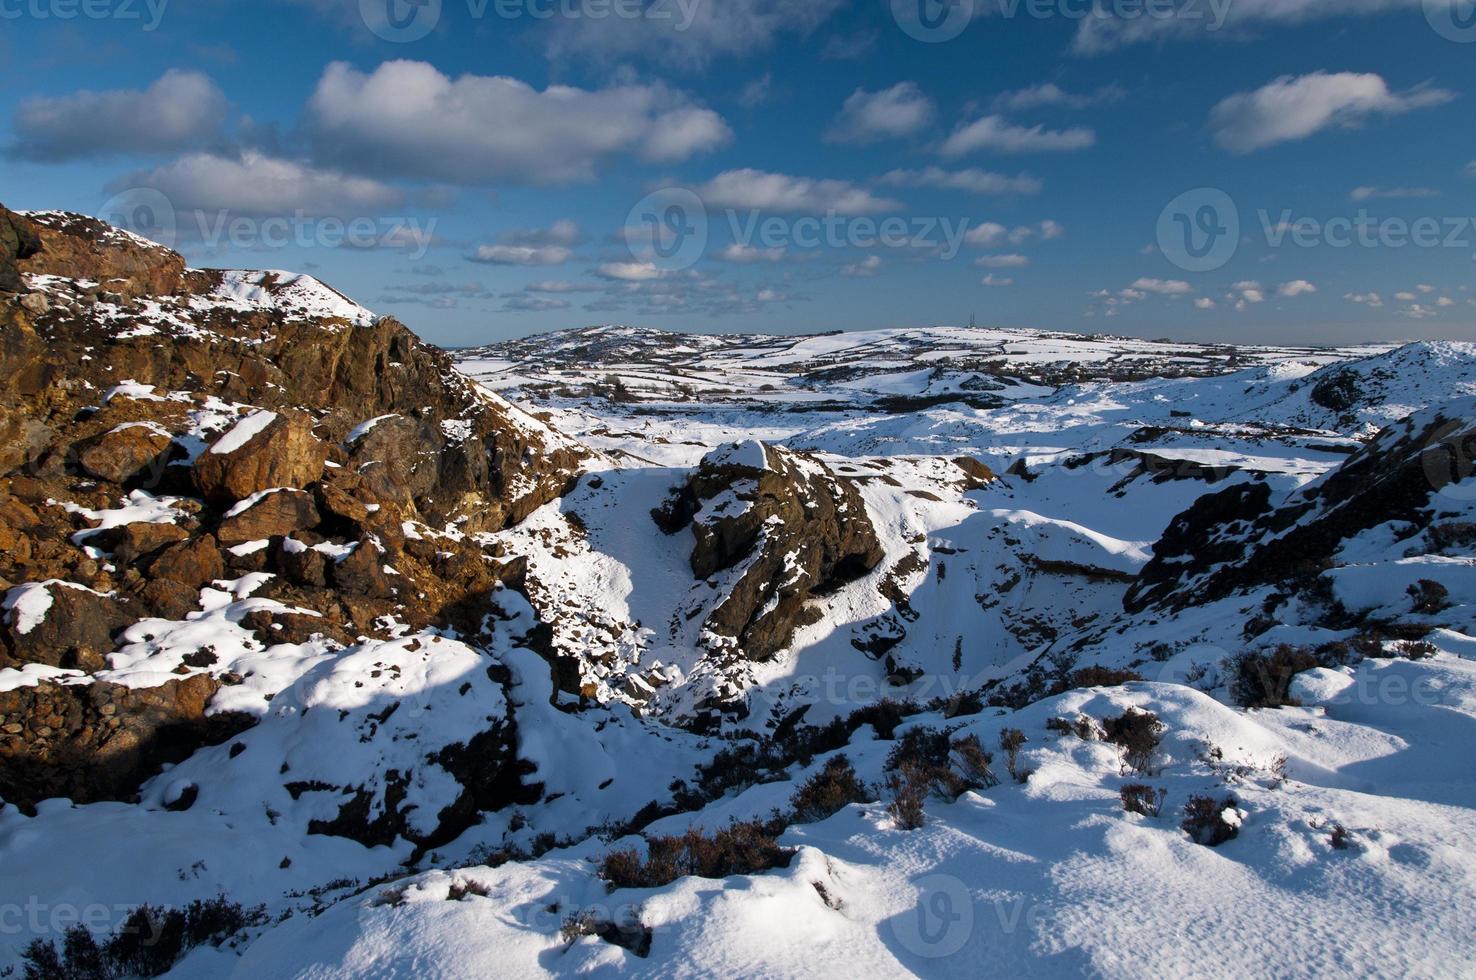 Pary Mountain photo